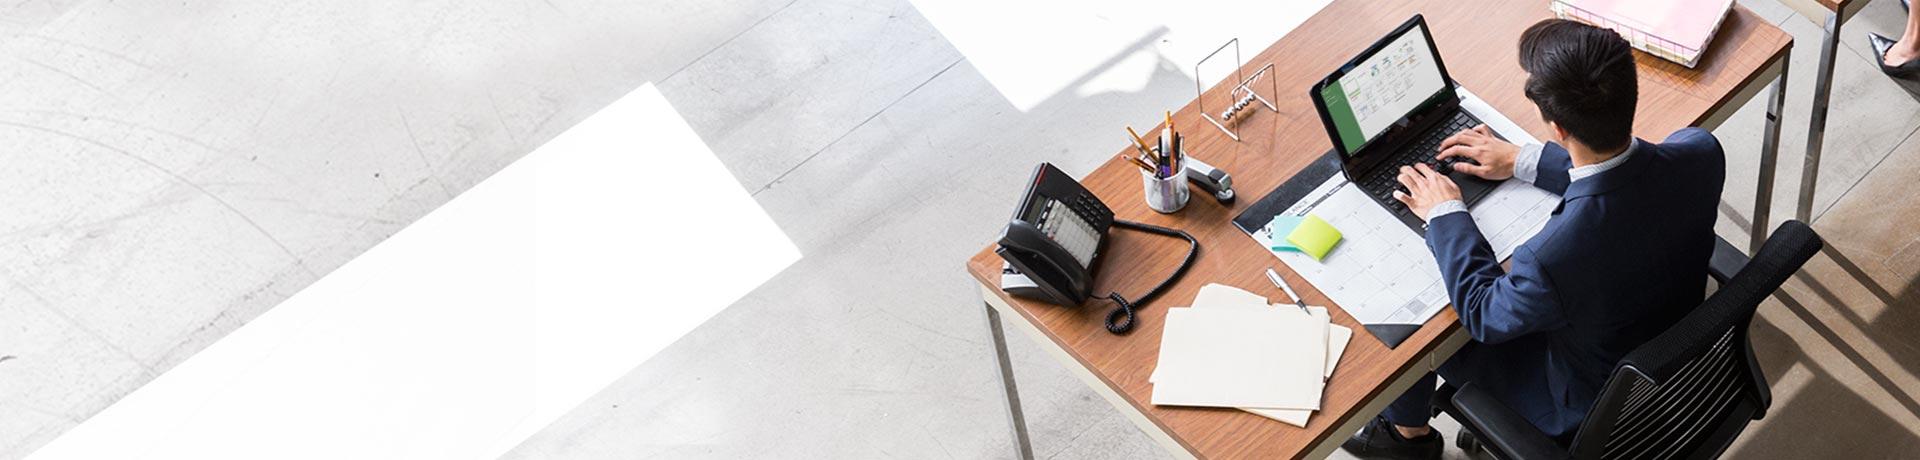 En man sitter vid ett bord i ett kontor och arbetar med en Microsoft Project-fil på en bärbar dator.